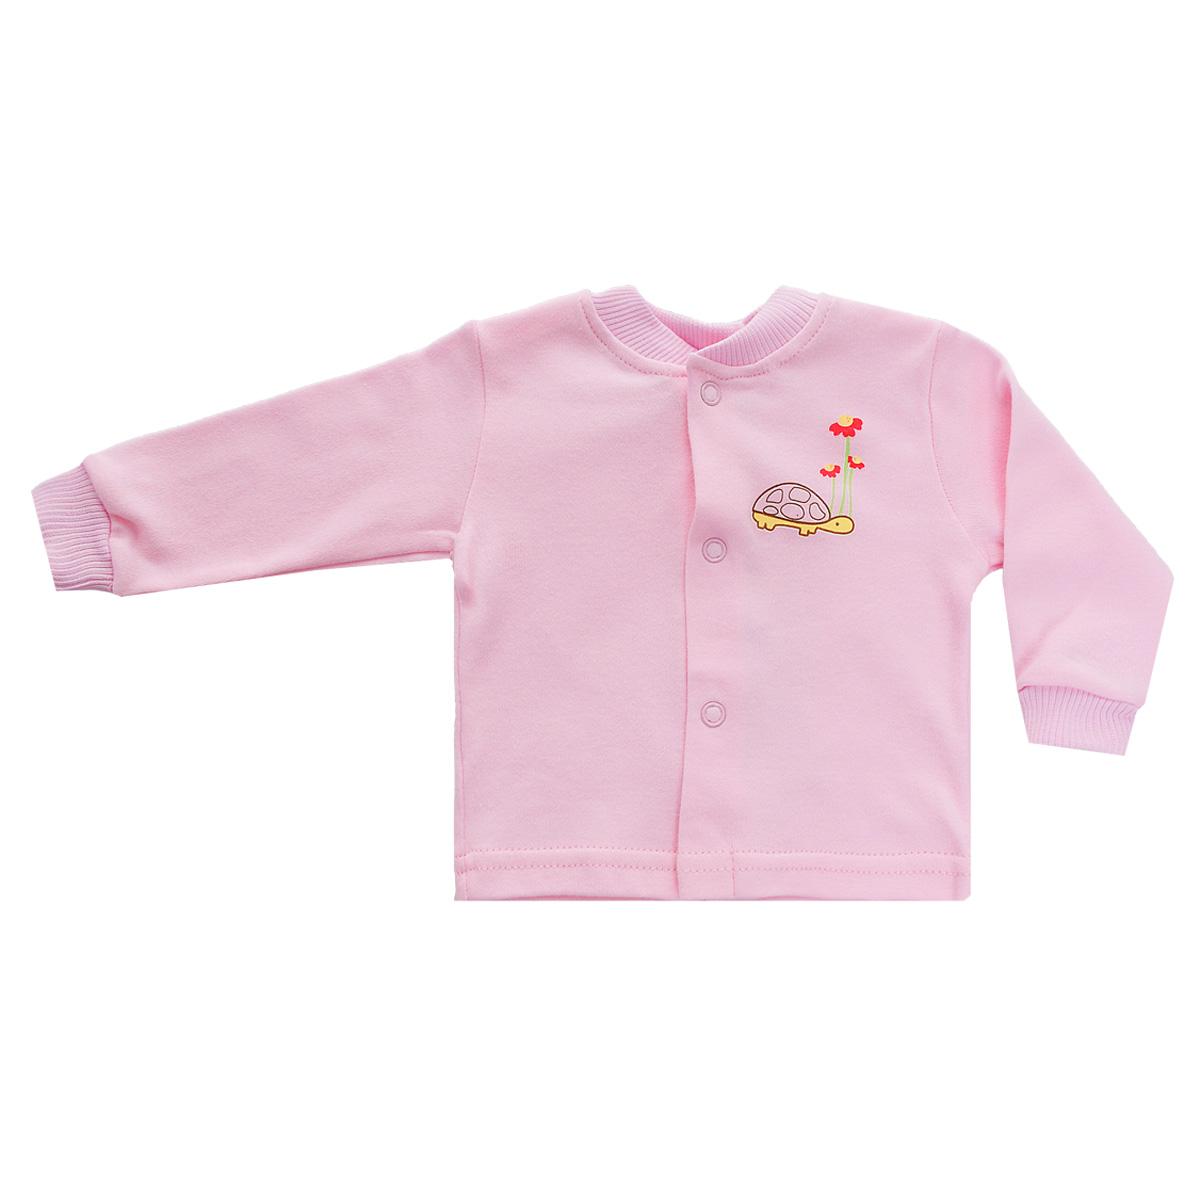 Кофточка детская Клякса, цвет: розовый. 37-261. Размер 62, до 3 месяцев37-261Кофточка для новорожденного Клякса послужит идеальным дополнением к гардеробу вашего ребенка, обеспечивая ему наибольший комфорт. Изготовленная из натурального хлопка, она необычайно мягкая и легкая, не раздражает нежную кожу ребенка и хорошо вентилируется, а эластичные швы приятны телу младенца и не препятствуют его движениям.Модель с длинными рукавами имеет круглый вырез горловины, дополненный мягкой трикотажной резинкой. Удобные застежки-кнопки по всей длине помогают легко переодеть ребенка. На рукавах предусмотрены трикотажные манжеты, не пережимающие ручки. Изделие оформлено оригинальным принтом с изображением забавных животных. Кофточка полностью соответствует особенностям жизни младенца в ранний период, не стесняя и не ограничивая его в движениях. В ней ваш ребенок всегда будет в центре внимания.